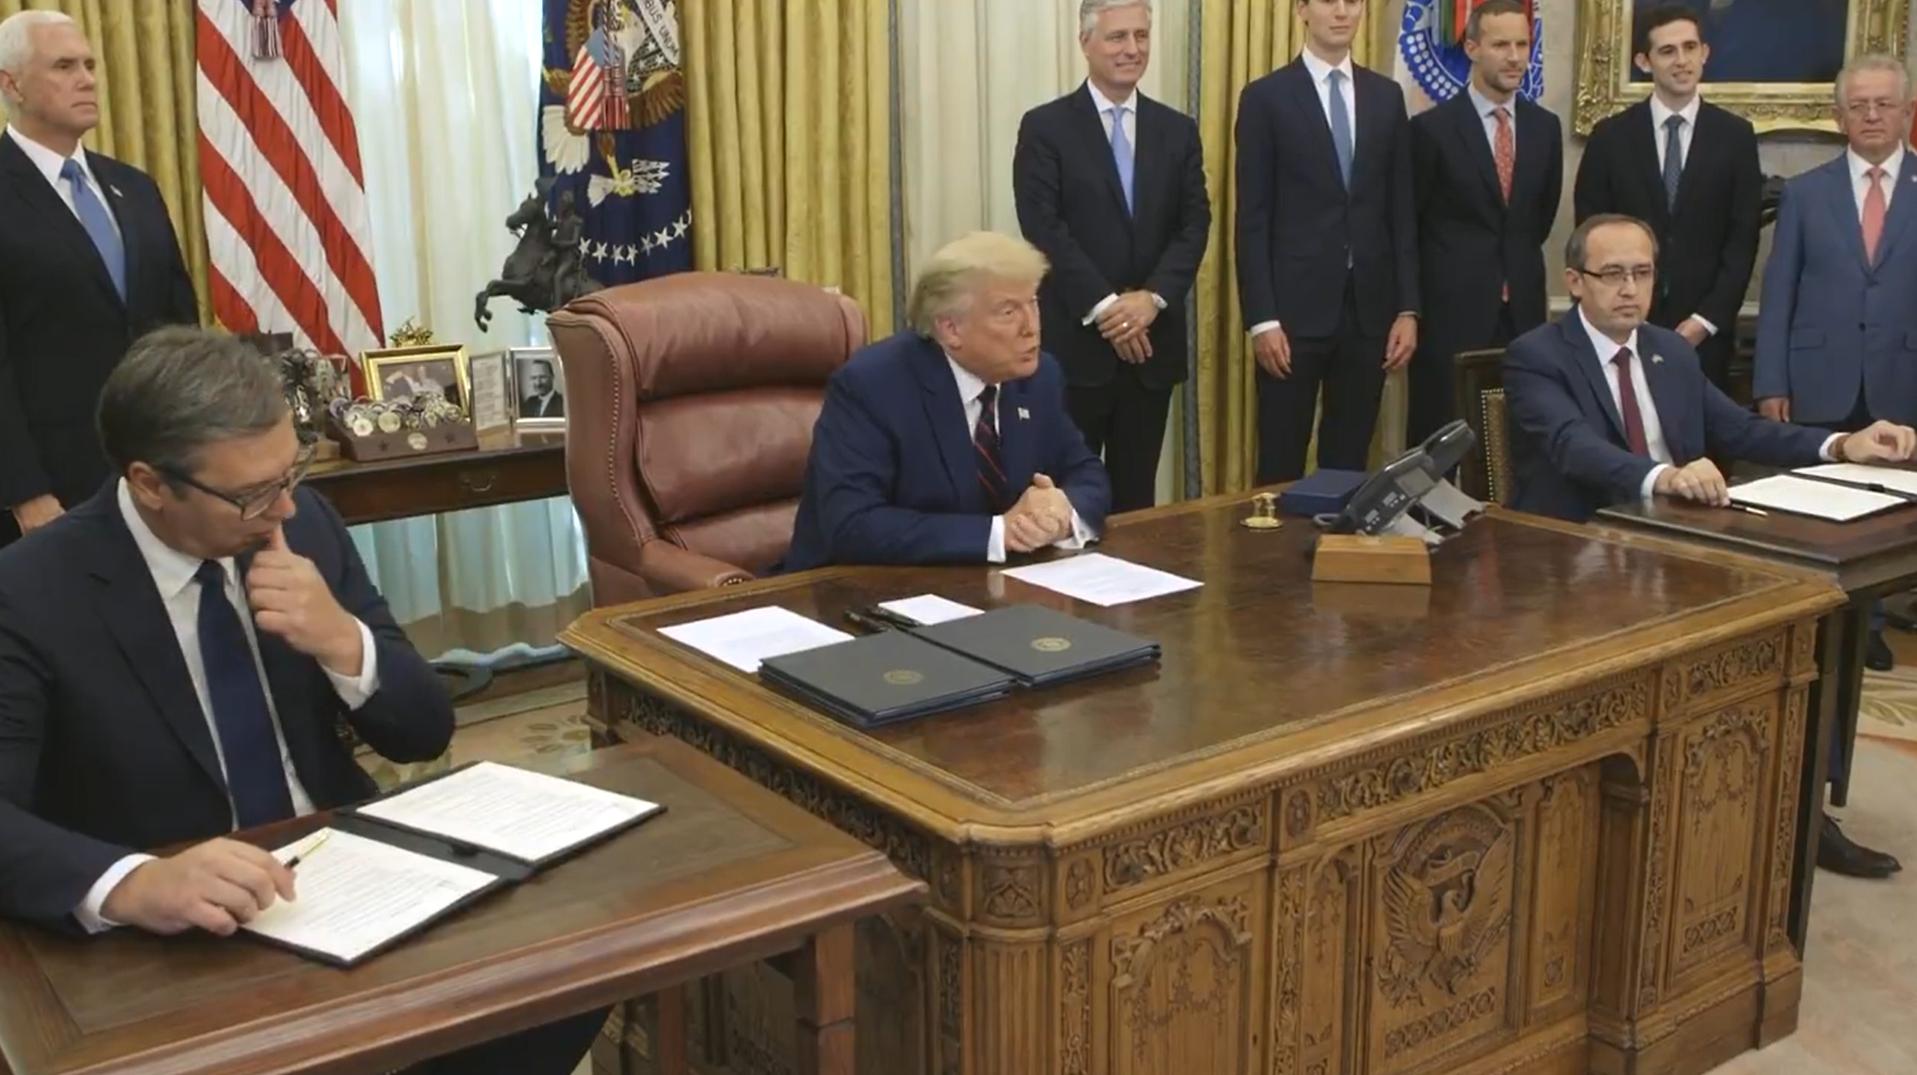 【谷歌pr】_美国撮合下,塞尔维亚与科索沃实现经济关系正常化